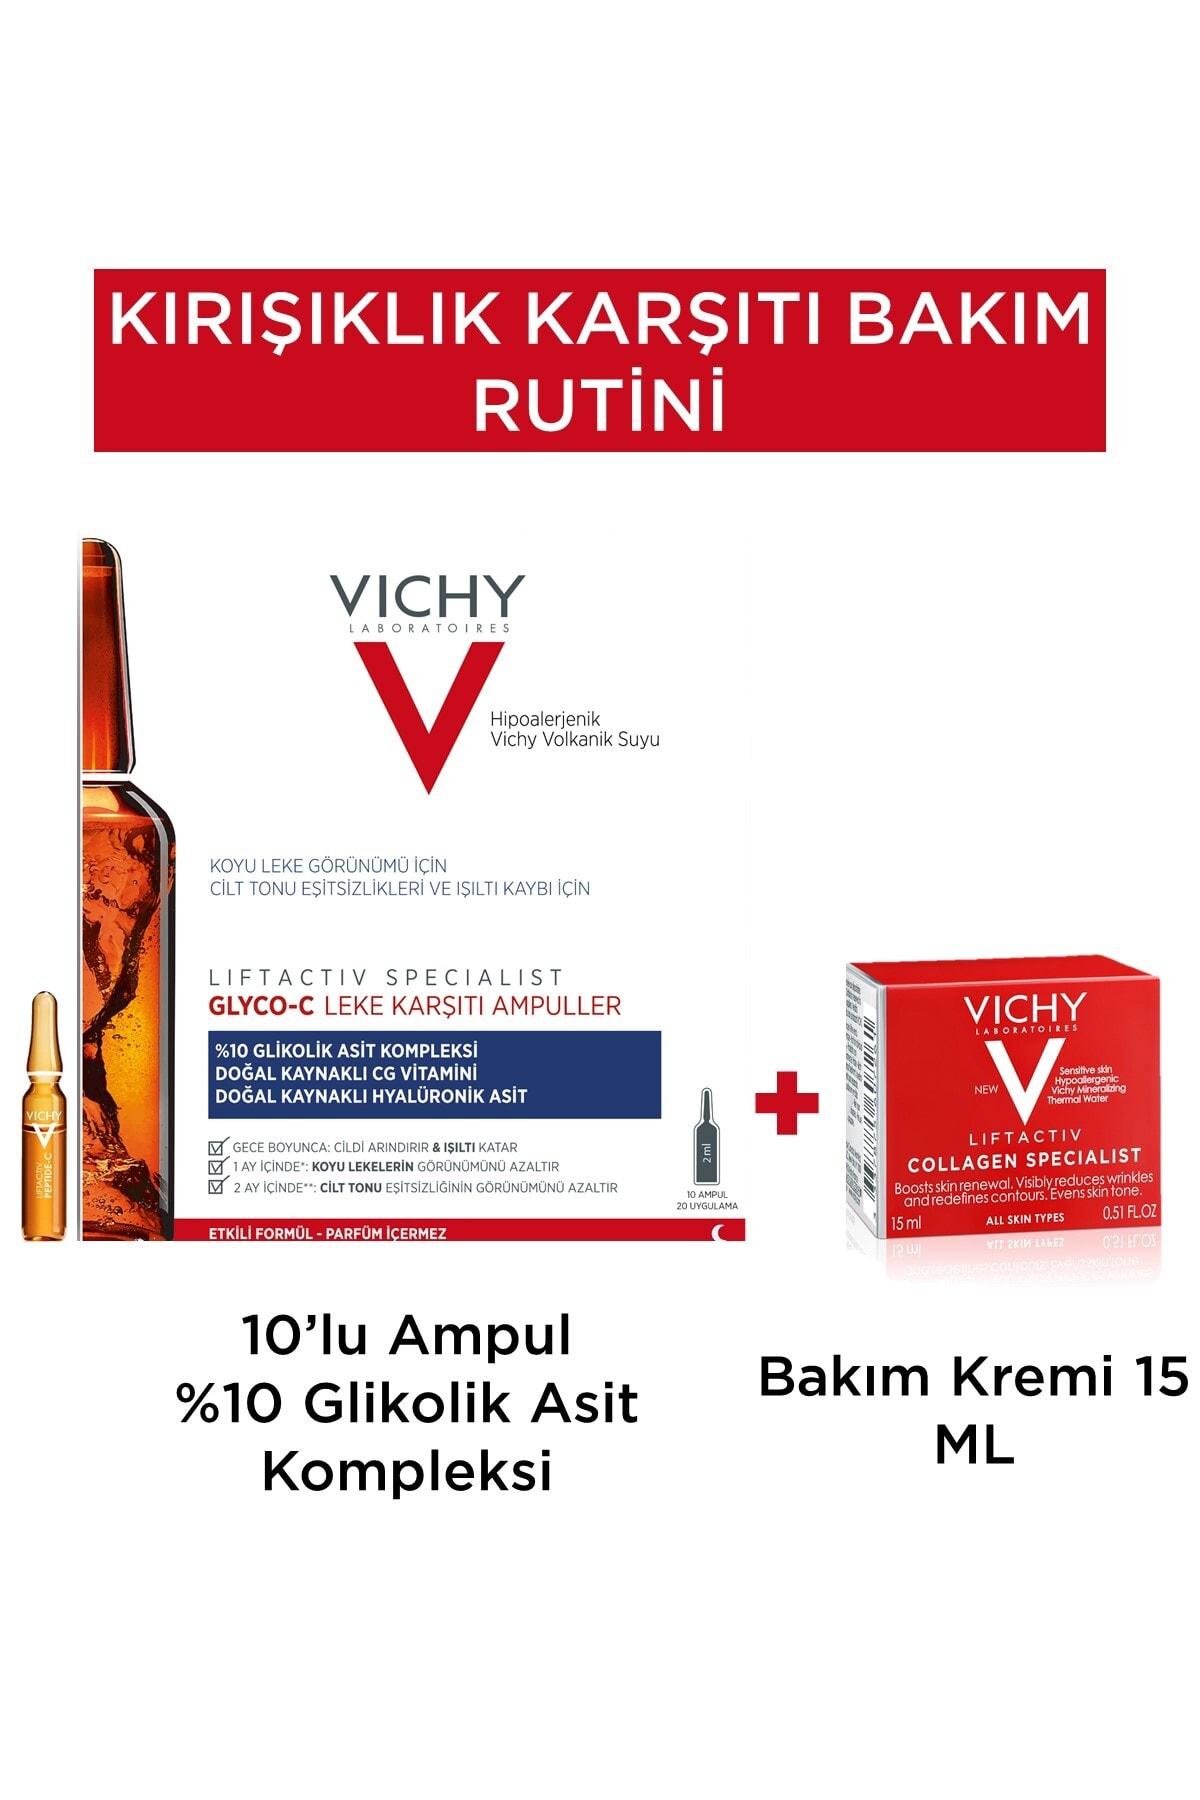 Vichy Kırışıklık Karşıtı Bakım Rutini Nemlendirici Hediye 8681689317751 1